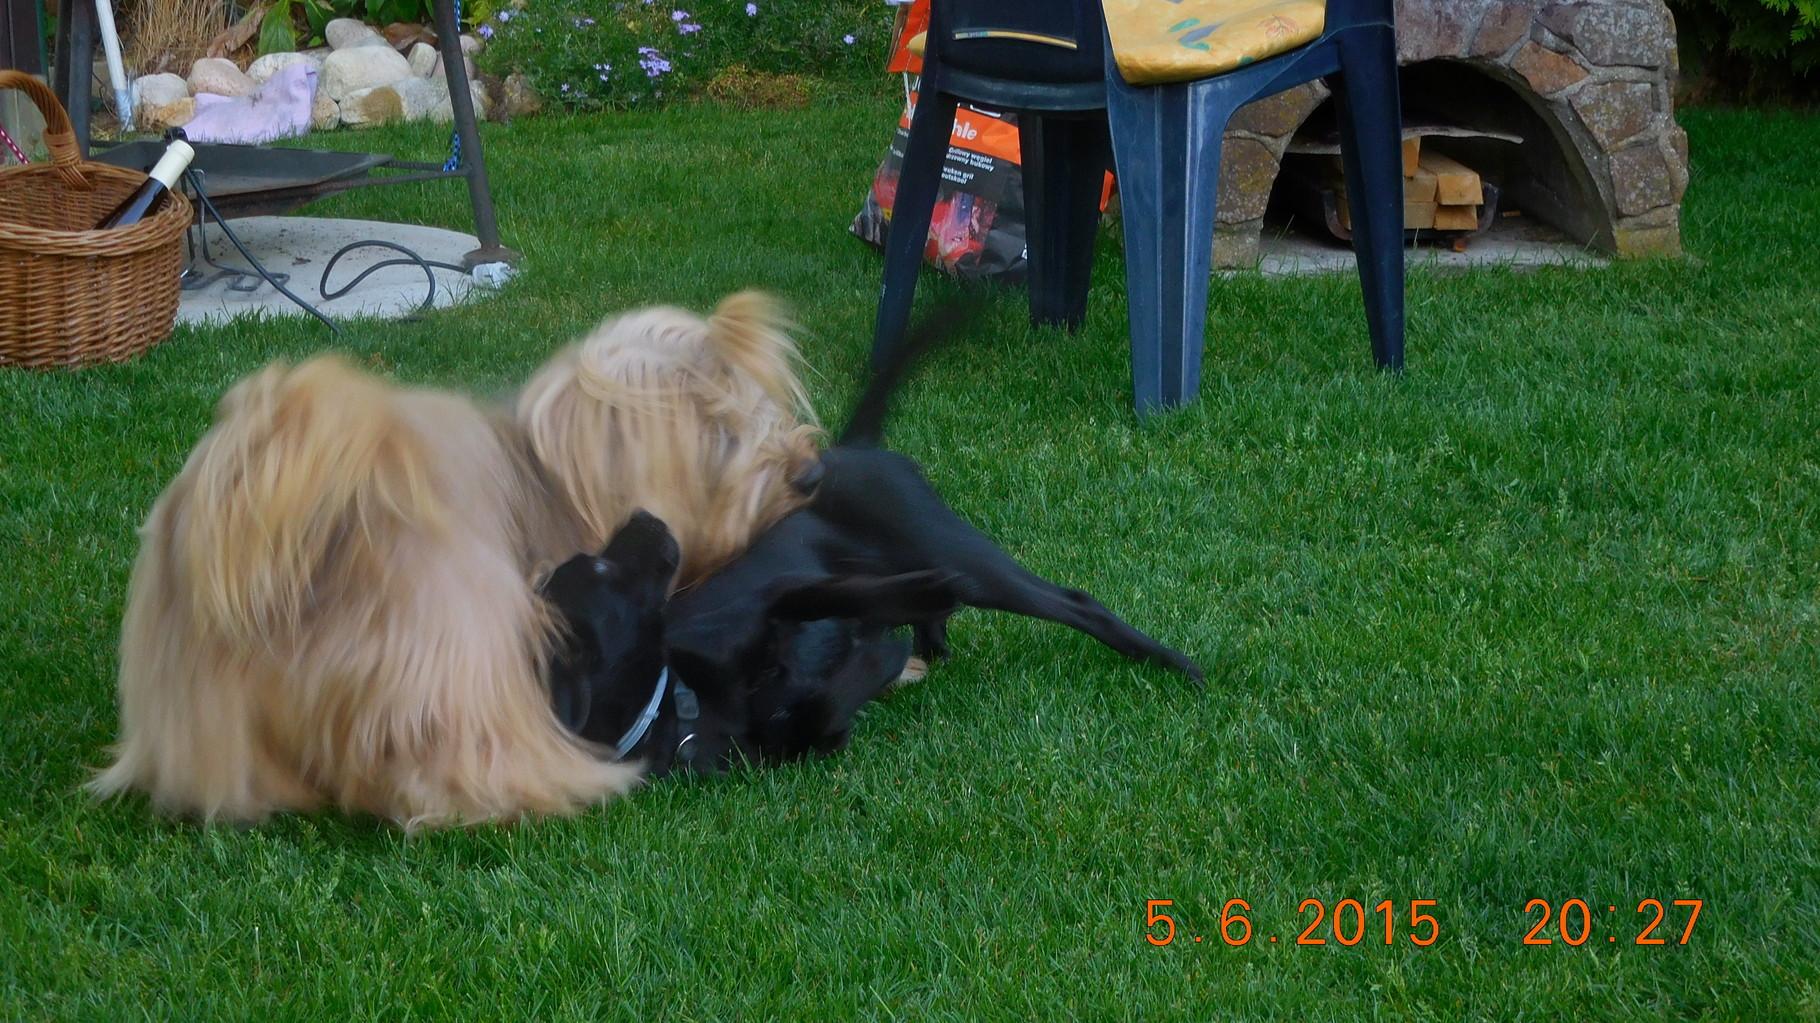 Hach, im Sommer mit meiner Freundin Stupsi im Garten spielen, schön...